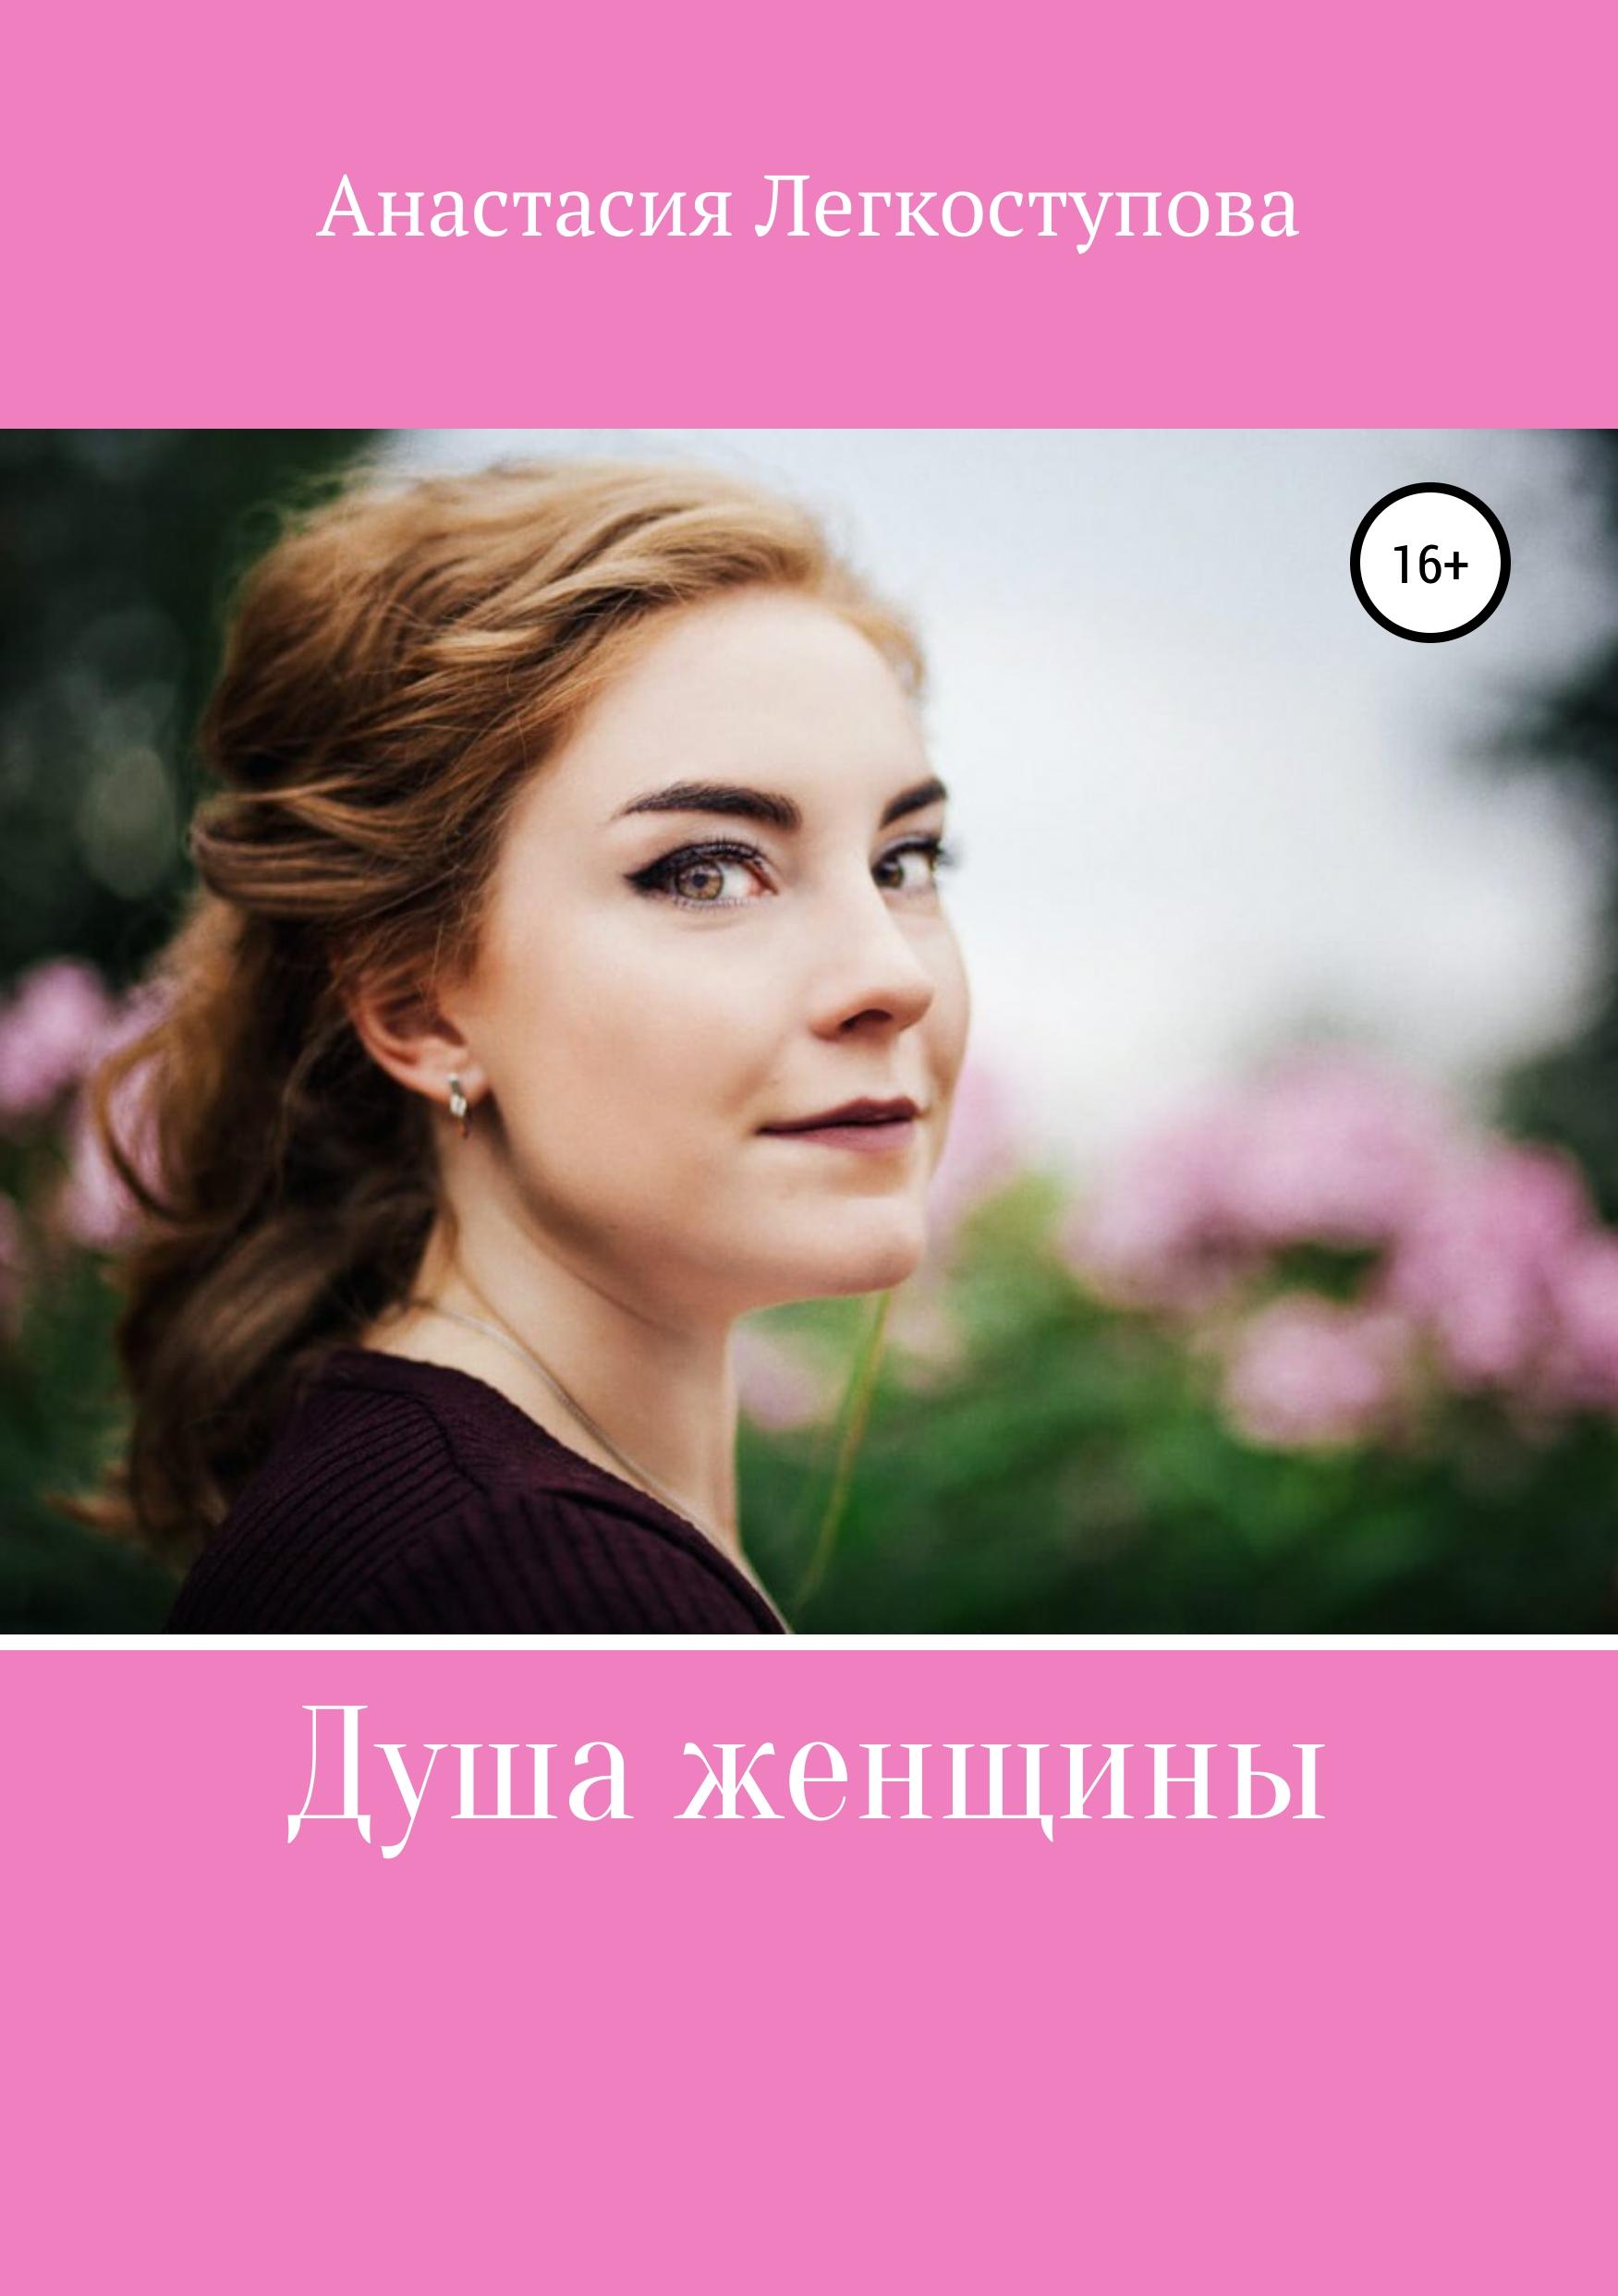 Анастасия Анатольевна Легкоступова Душа женщины